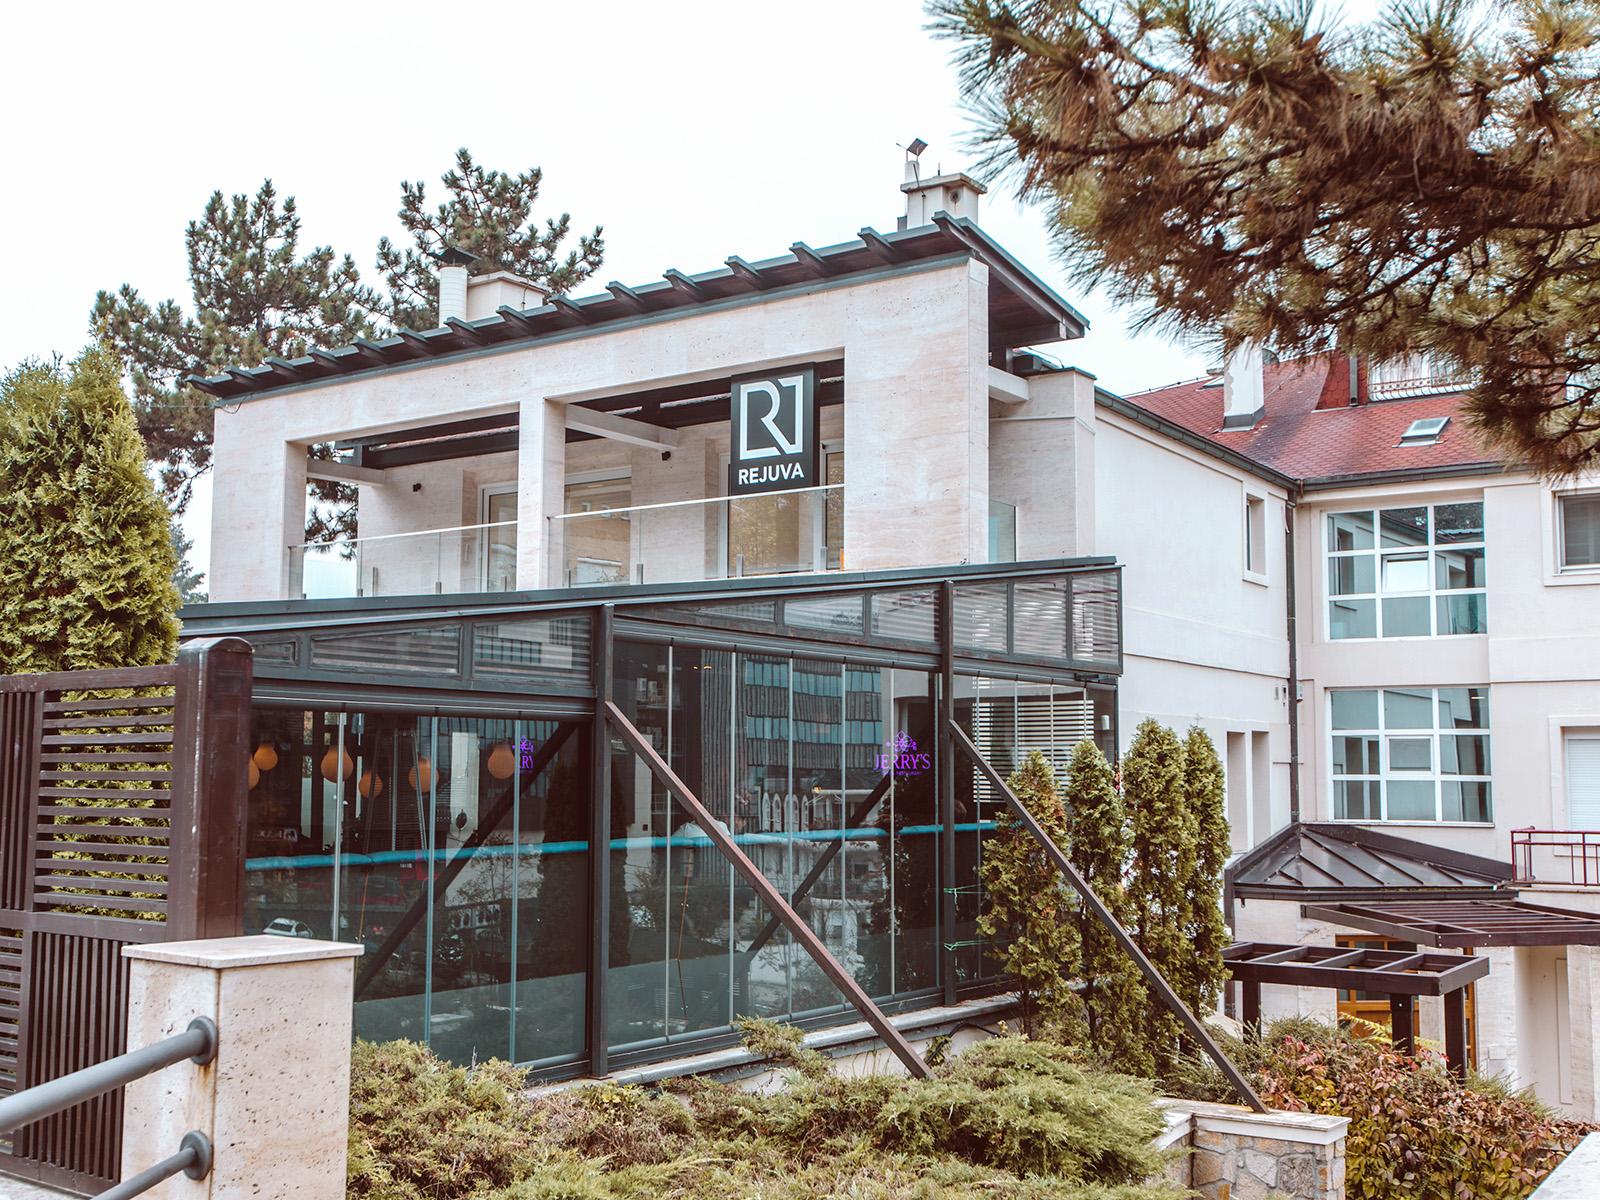 Rejuva ordinacija za estetsku medicinu - Beograd, Dedinje.1.1